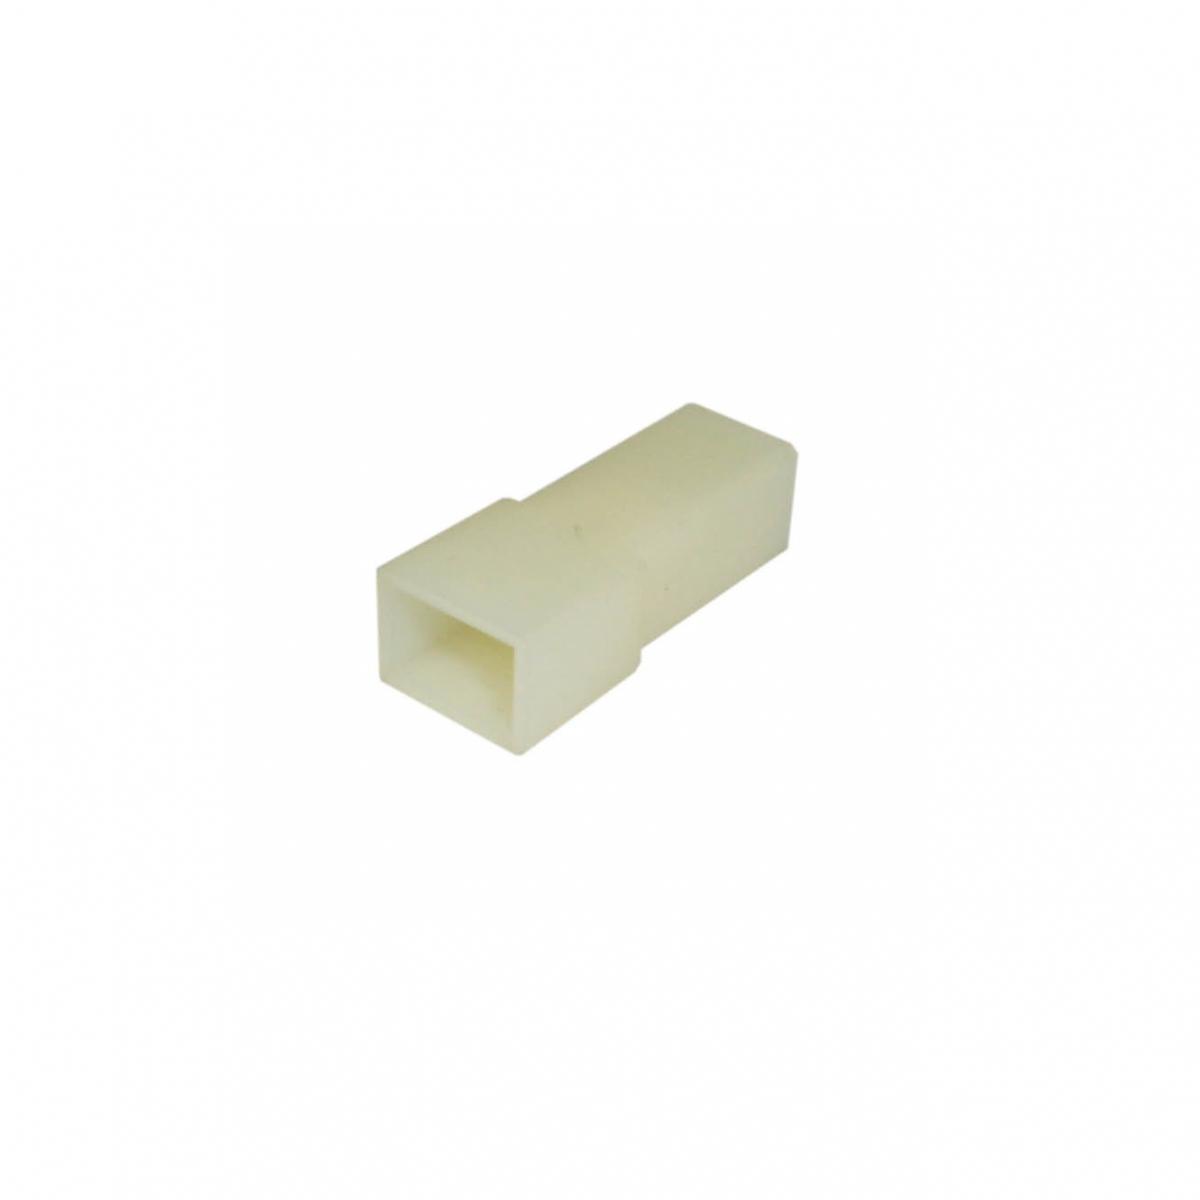 FASTON 1 VIA M 880.309-1-